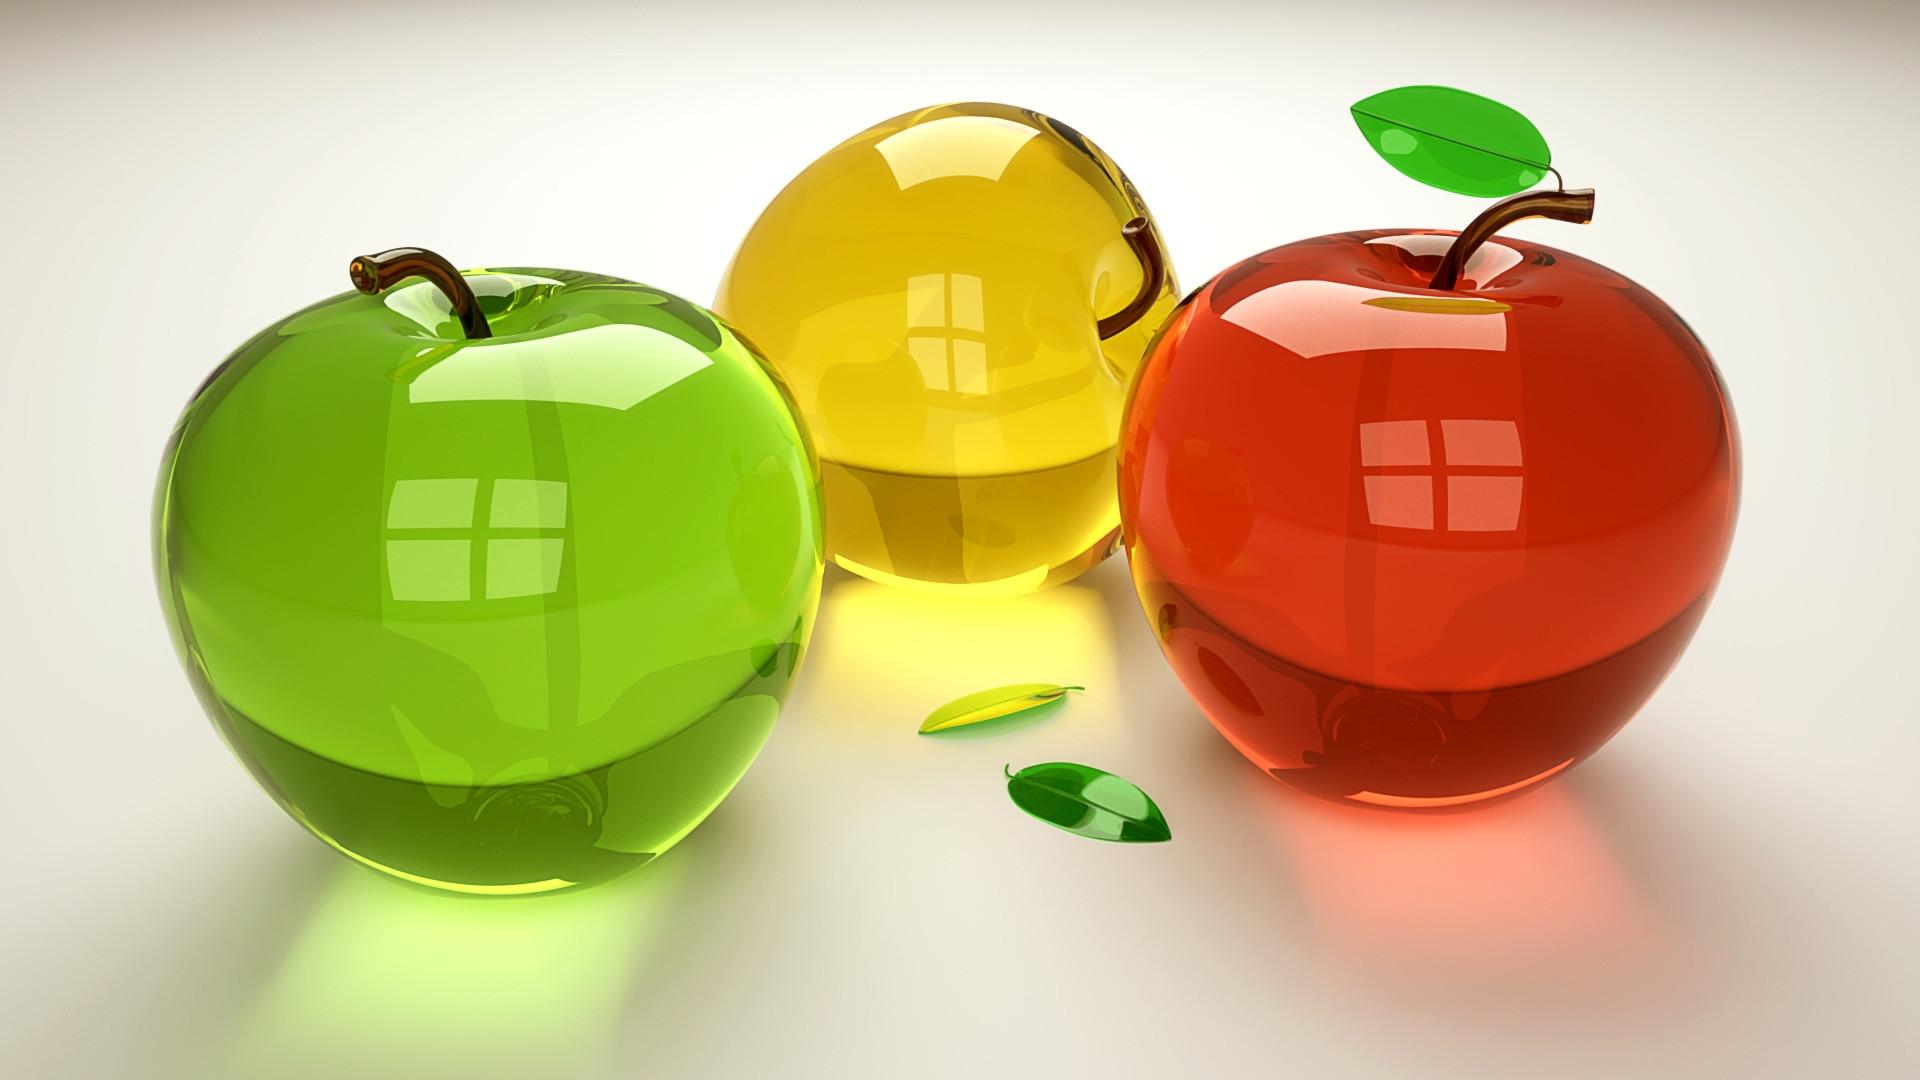 Обои яблоки стеклянные для рабочего стола